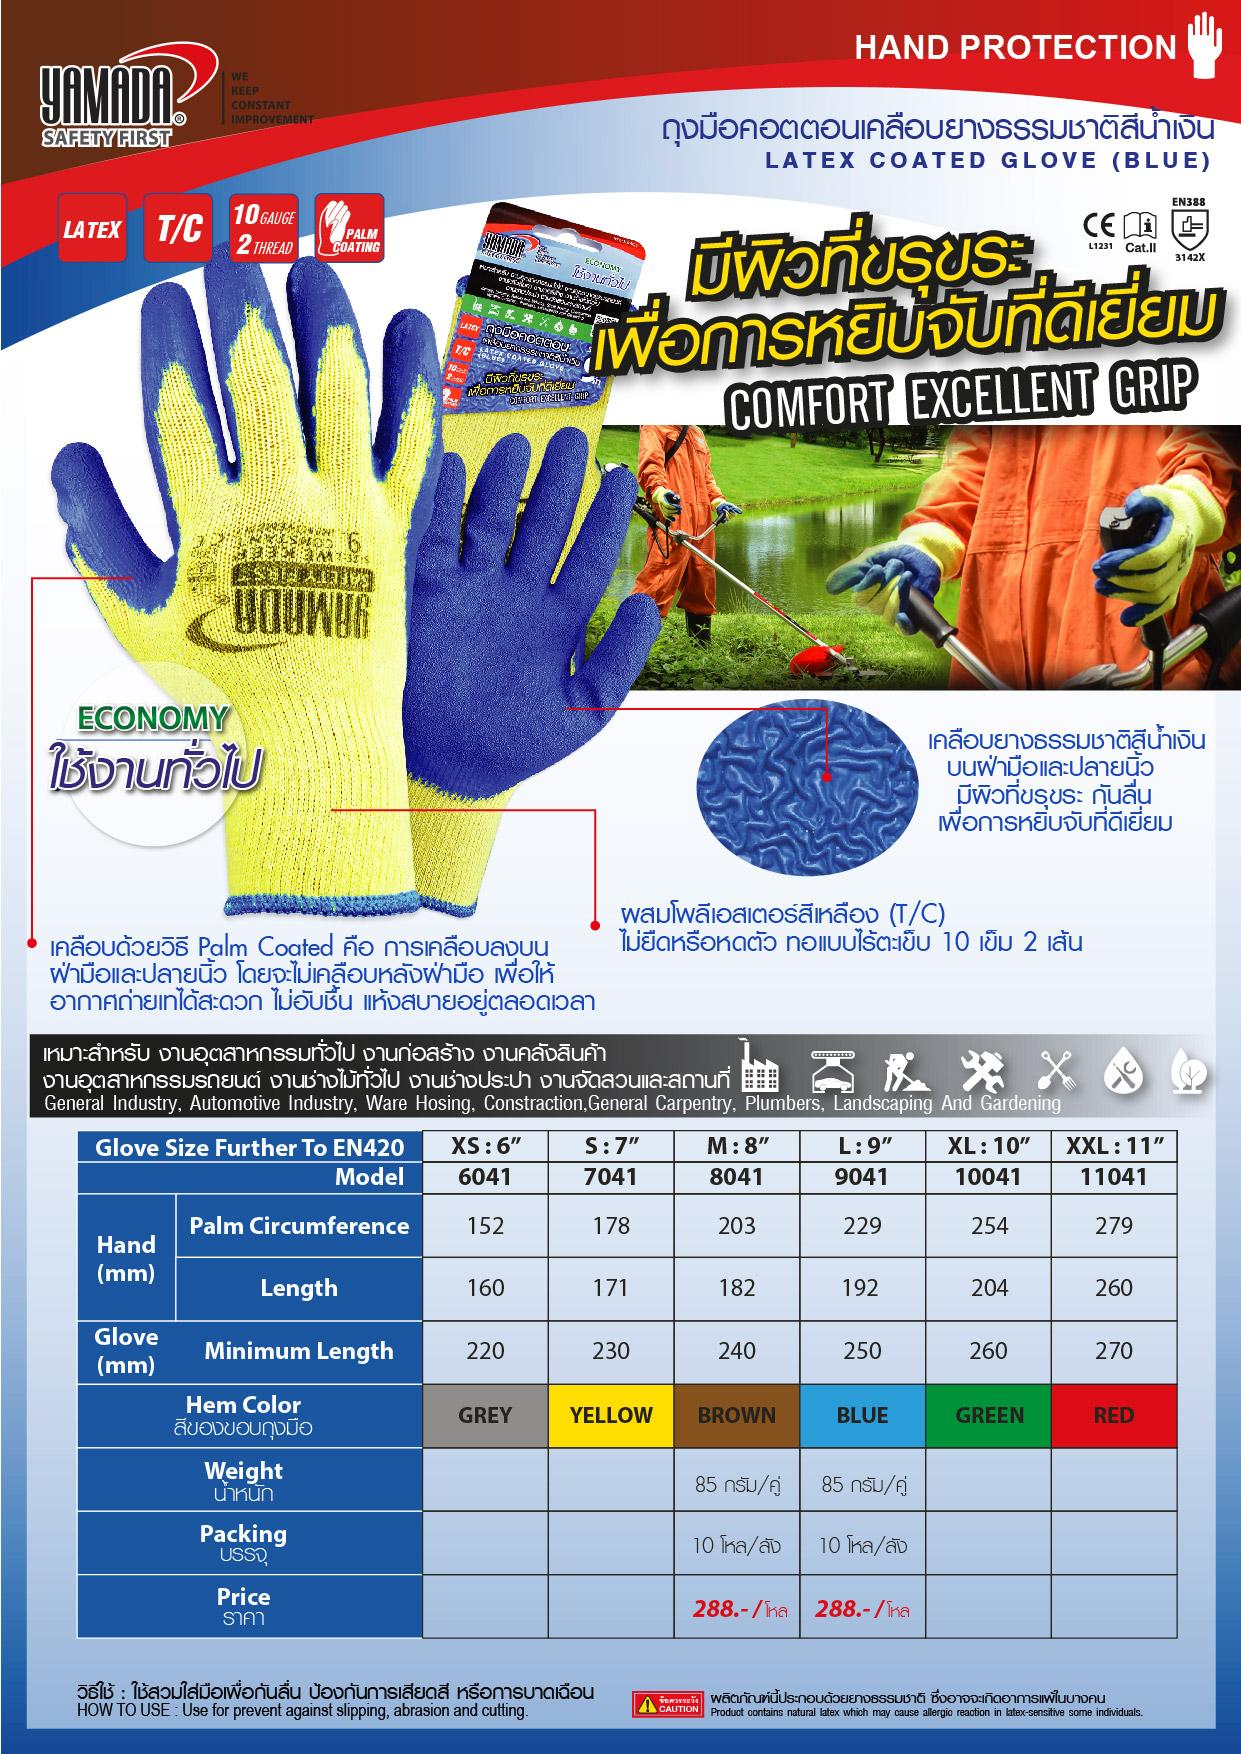 (139/271) ถุงมือคอตตอนเคลือบยางธรรมชาติสีน้ำเงิน